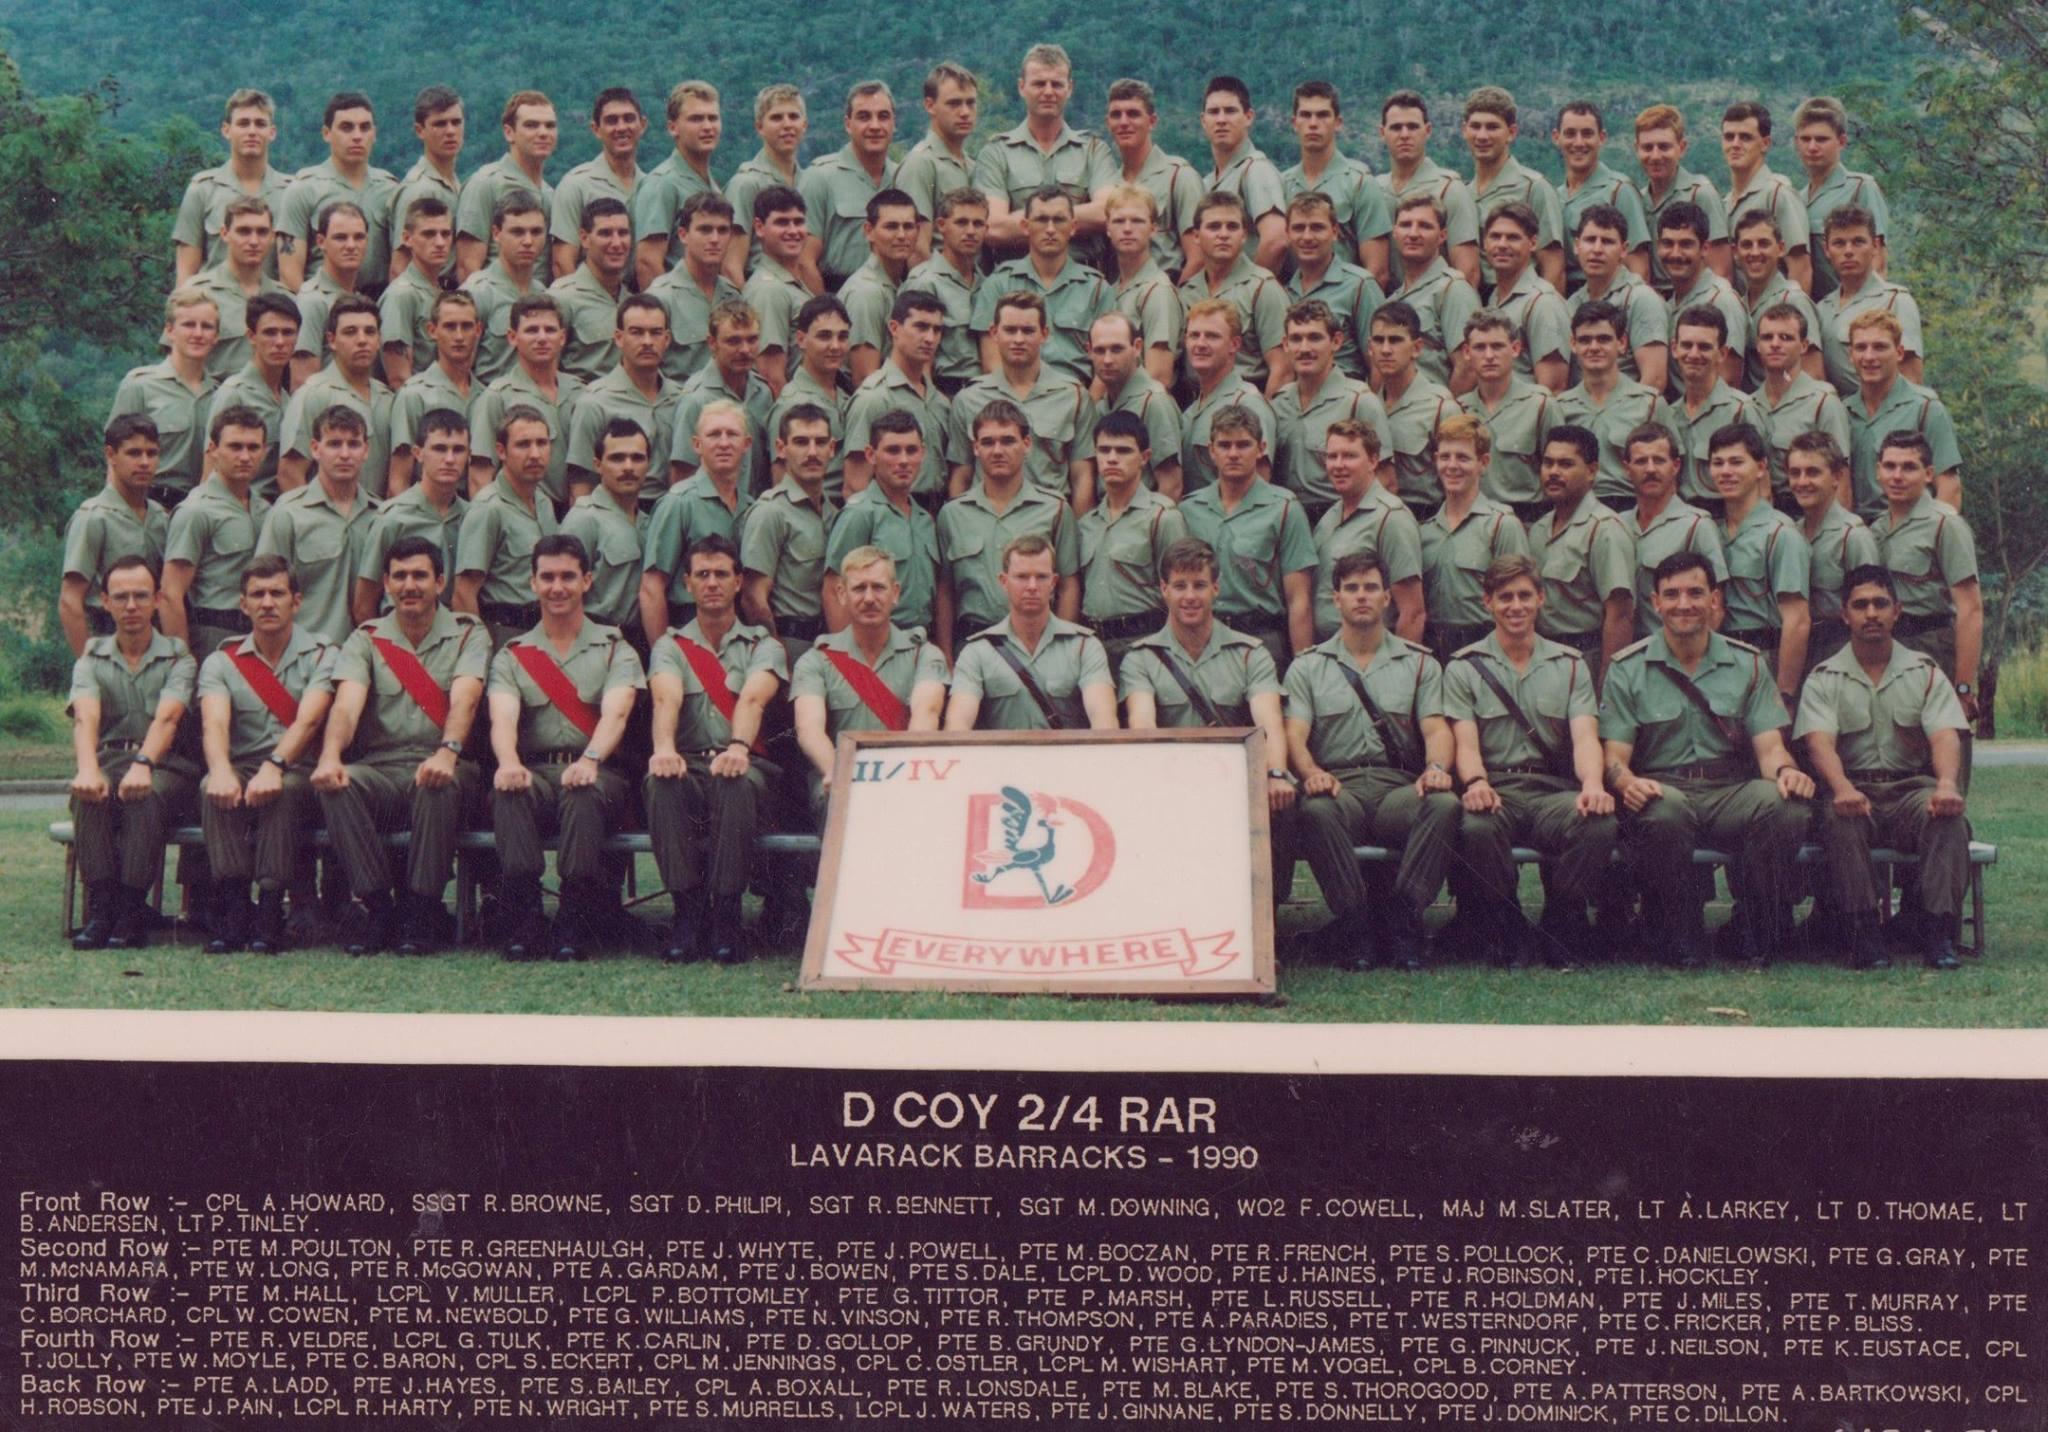 D Coy 1990